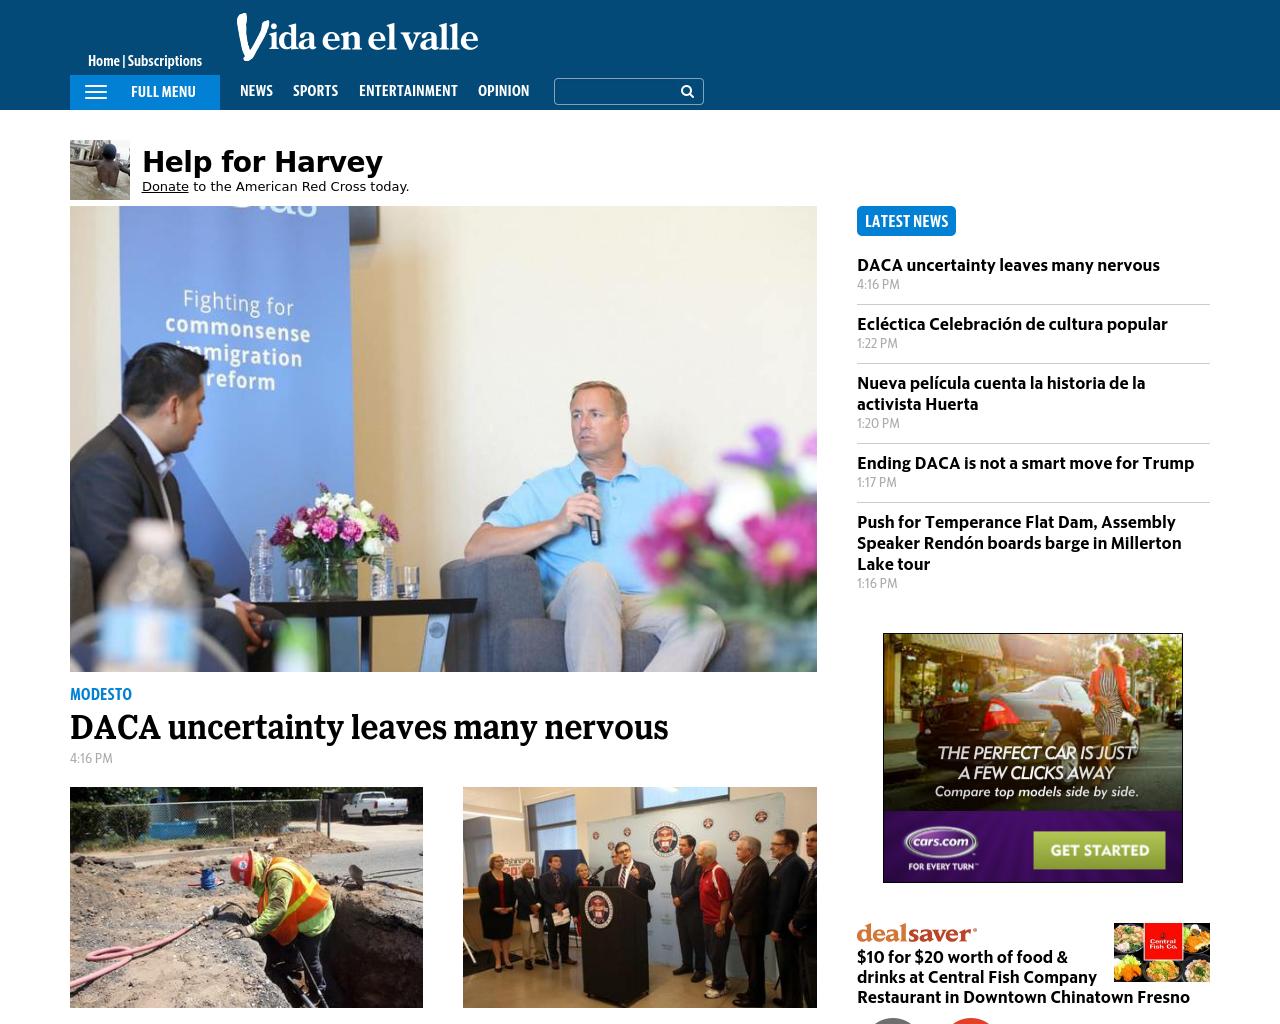 Vida-en-el-valle-Advertising-Reviews-Pricing